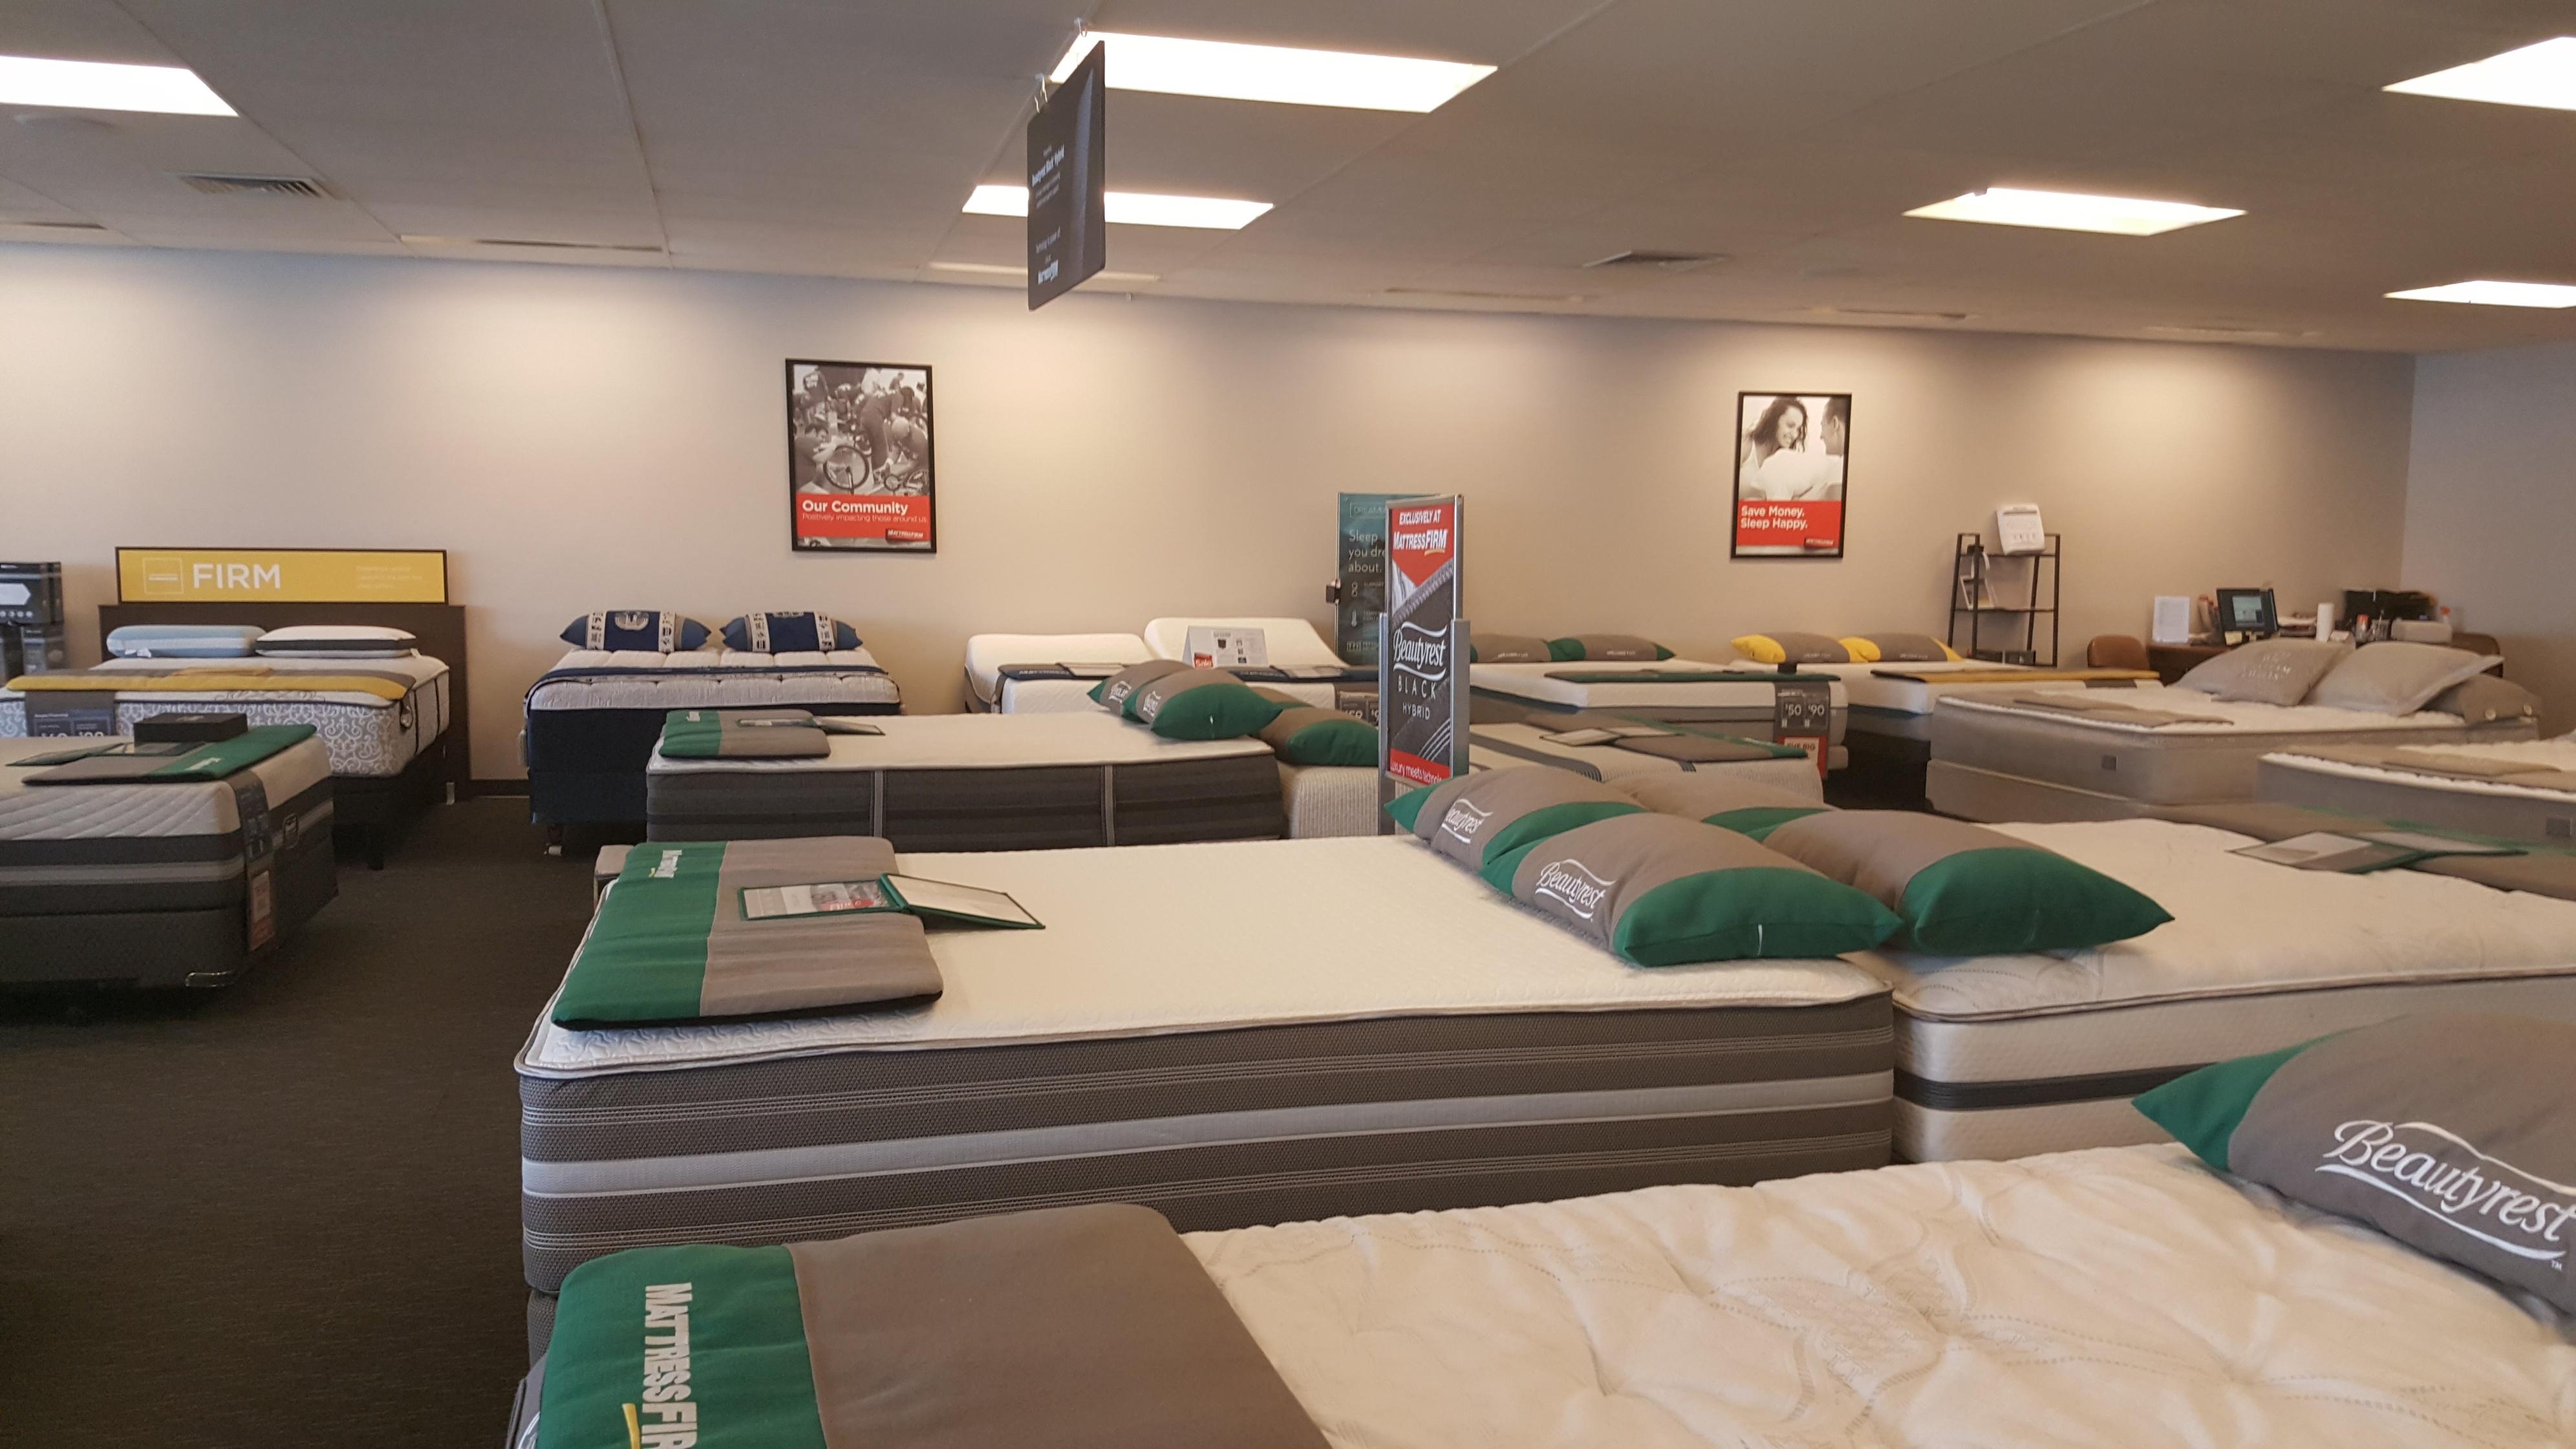 Mattress Firm Elmhurst Clearance image 9